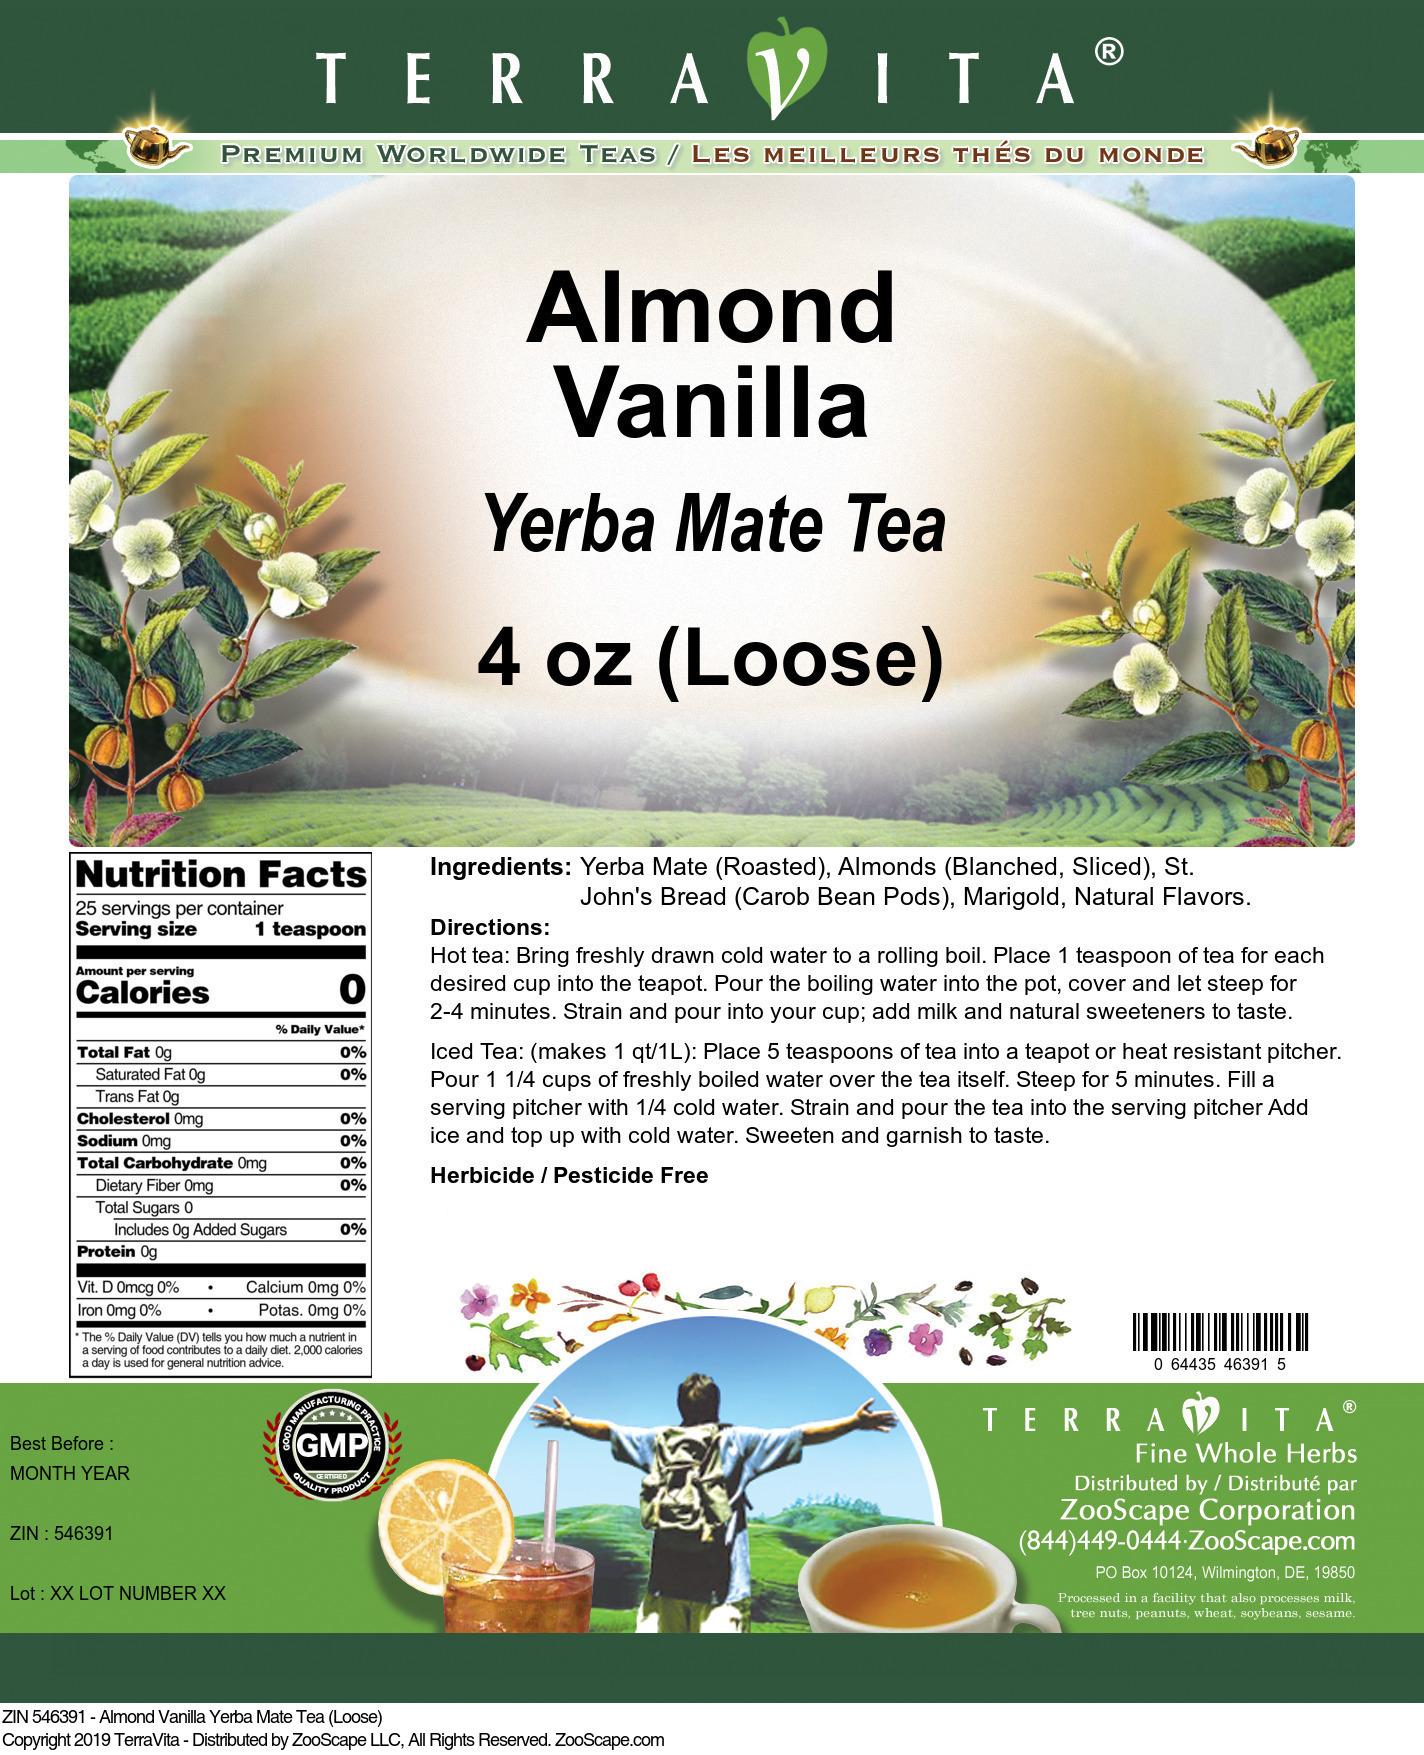 Almond Vanilla Yerba Mate